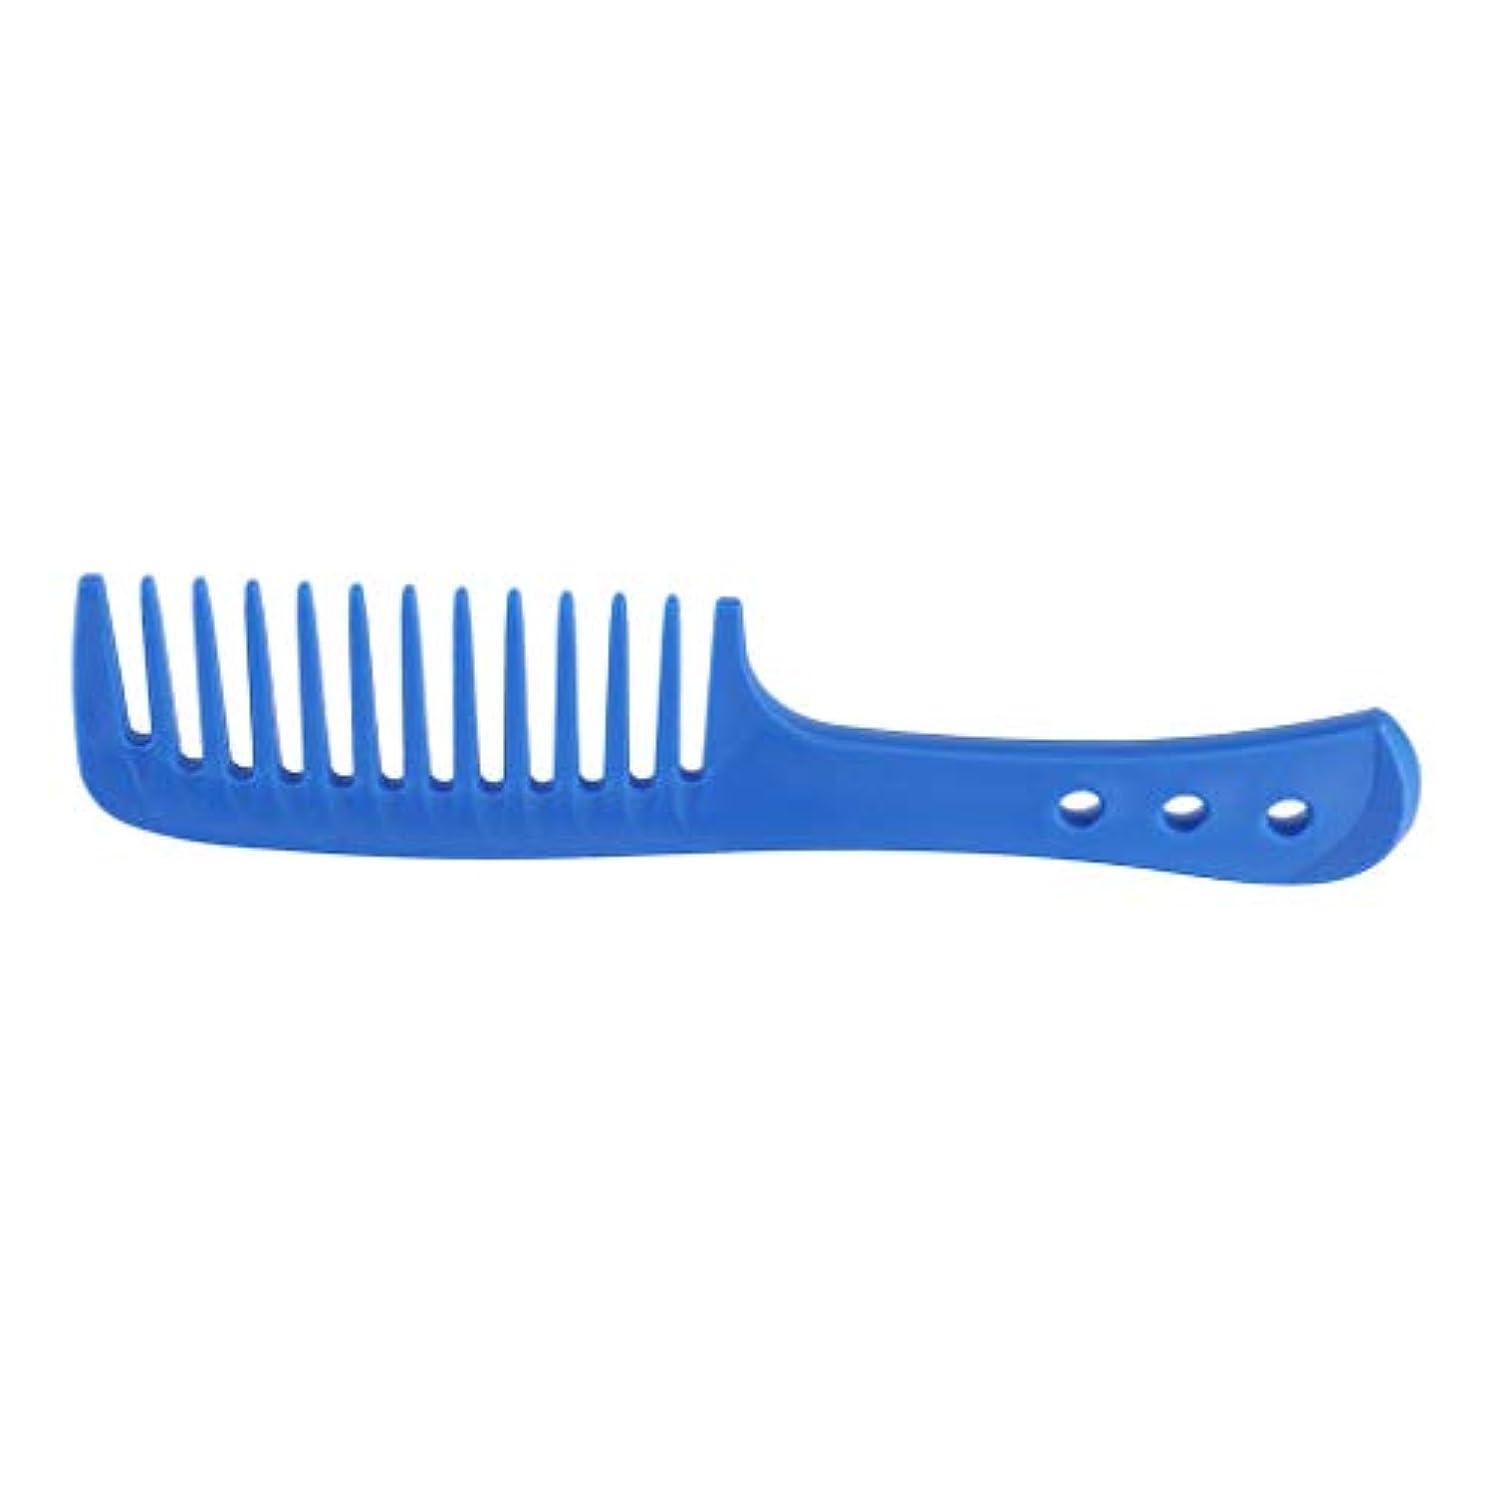 F Fityle ヘアコーム 櫛 美髪 ヘアブラシ ヘアケア ヘアスタイリング 4色選べ - 青